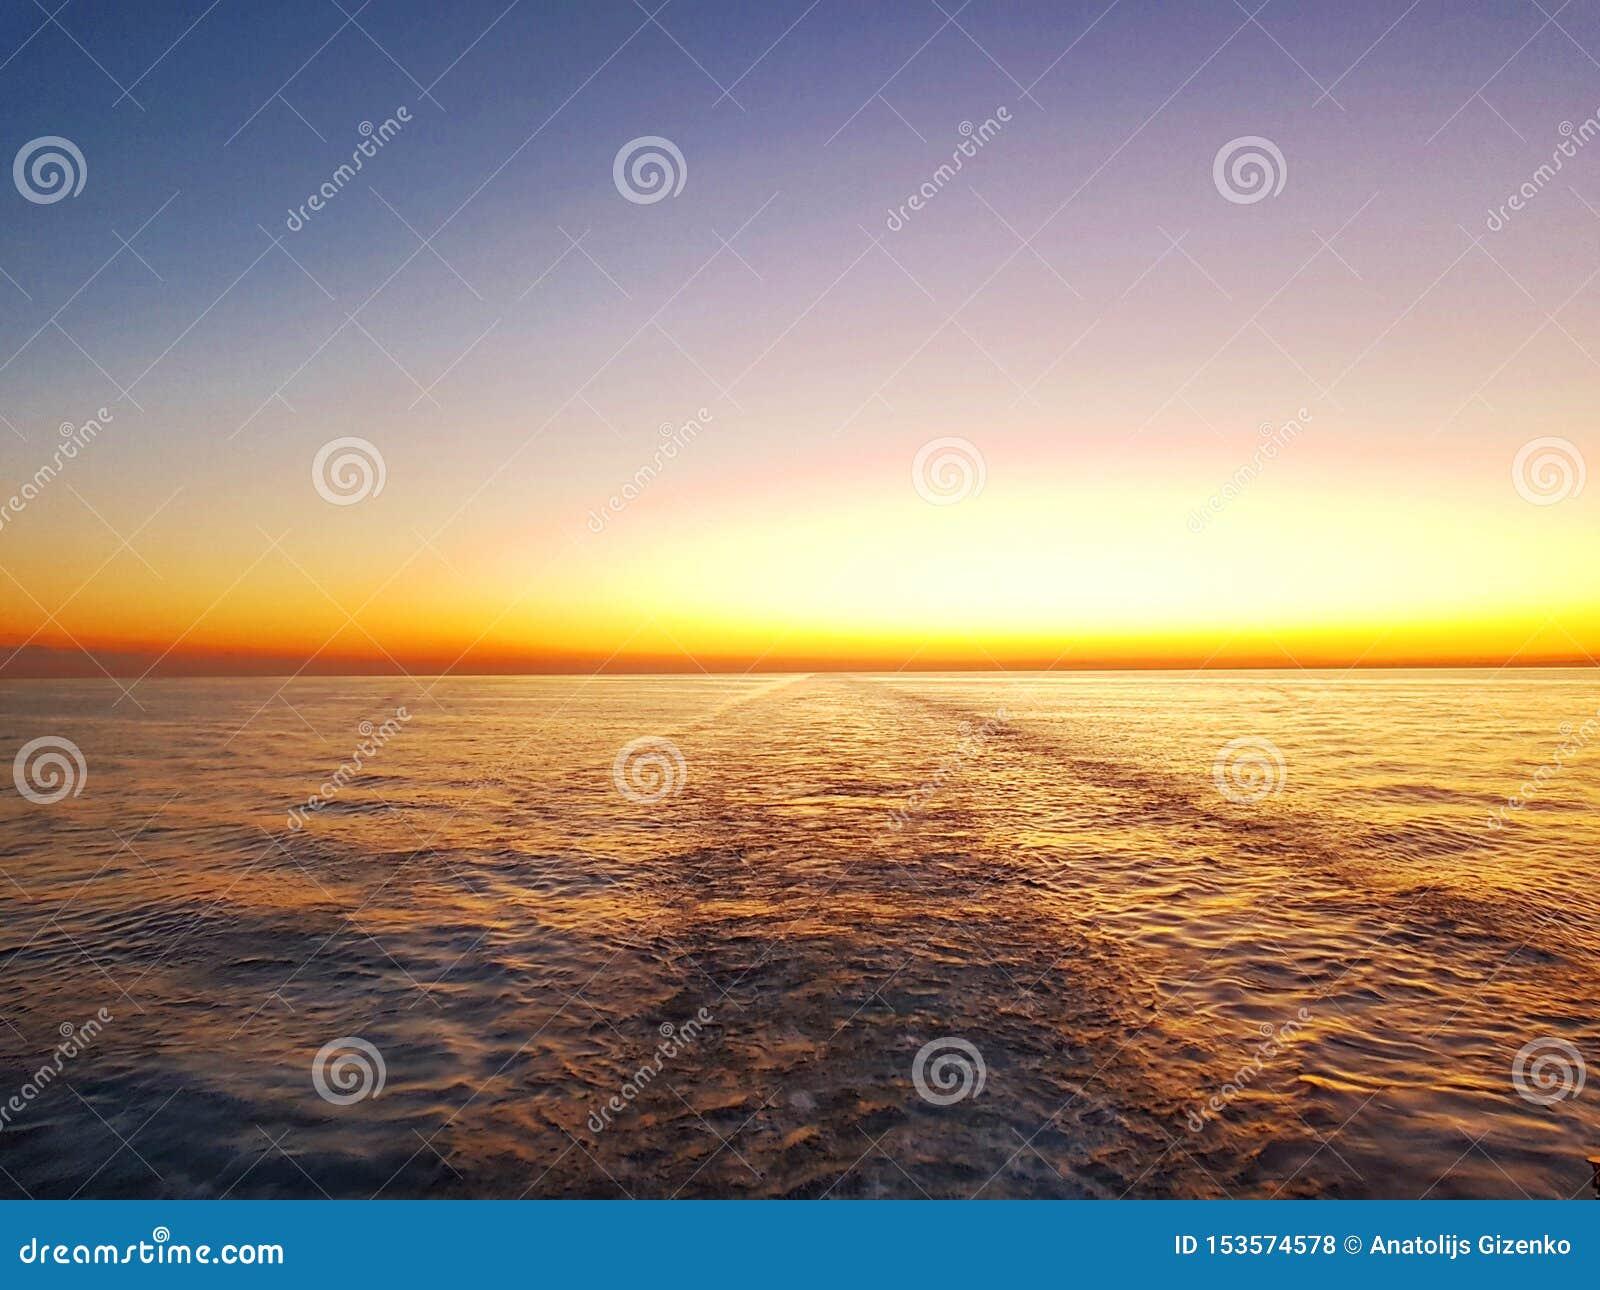 Ουρανός άποψης και ηλιοβασιλέματος πόλεων Ουρανός φαντασίας Ηλιοβασίλεμα στο υπόβαθρο ενός αεριωθούμενου αεροπλάνου του νερού από